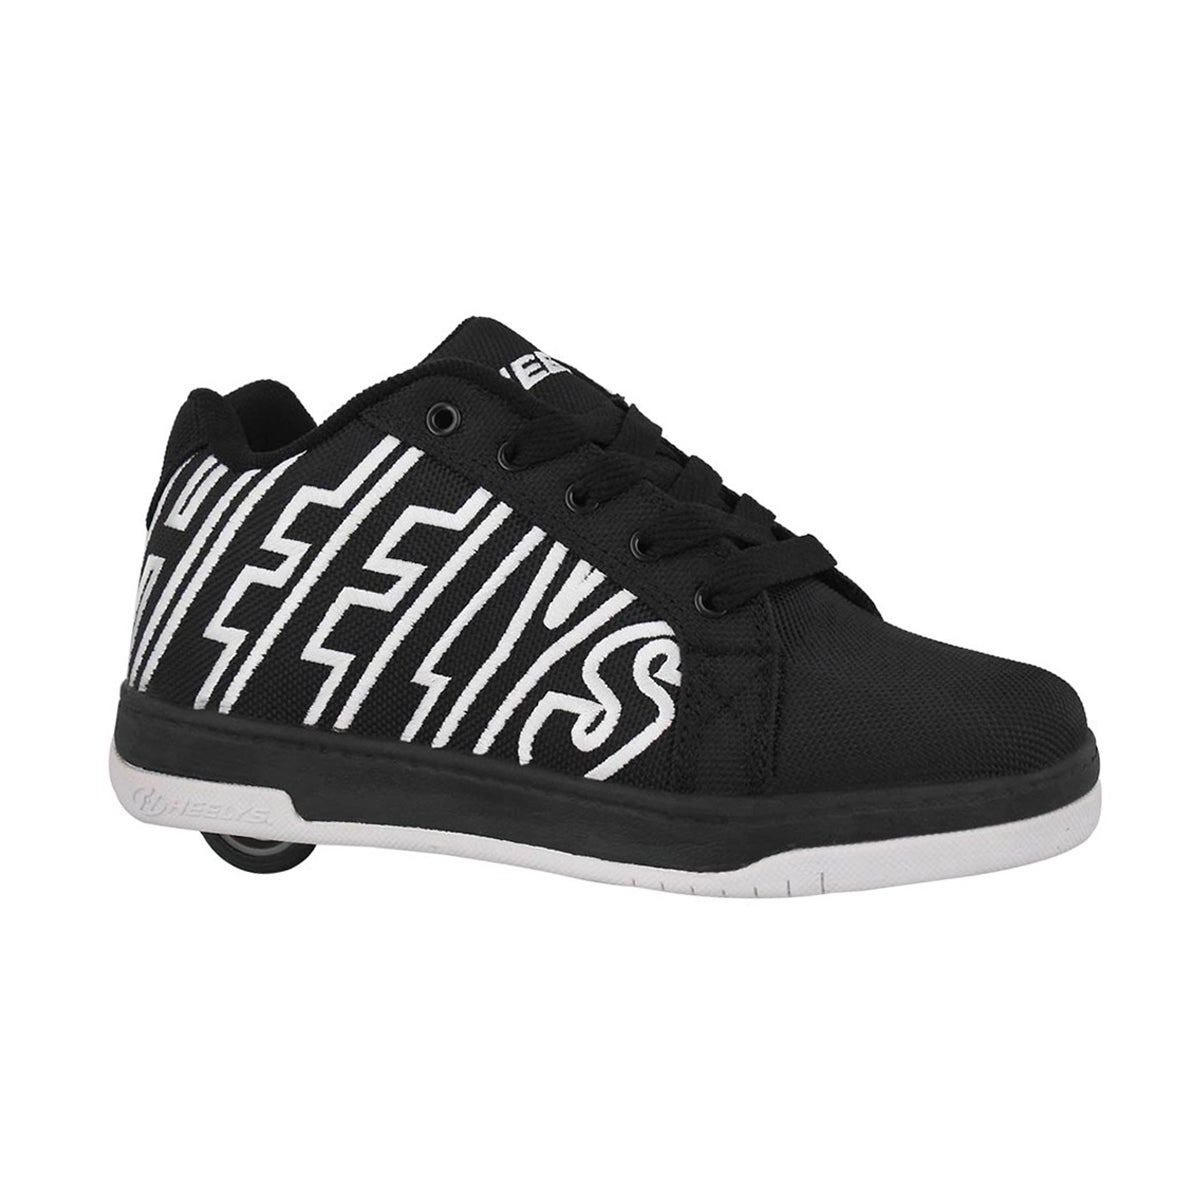 Boys' SPLIT black/white skate sneakers